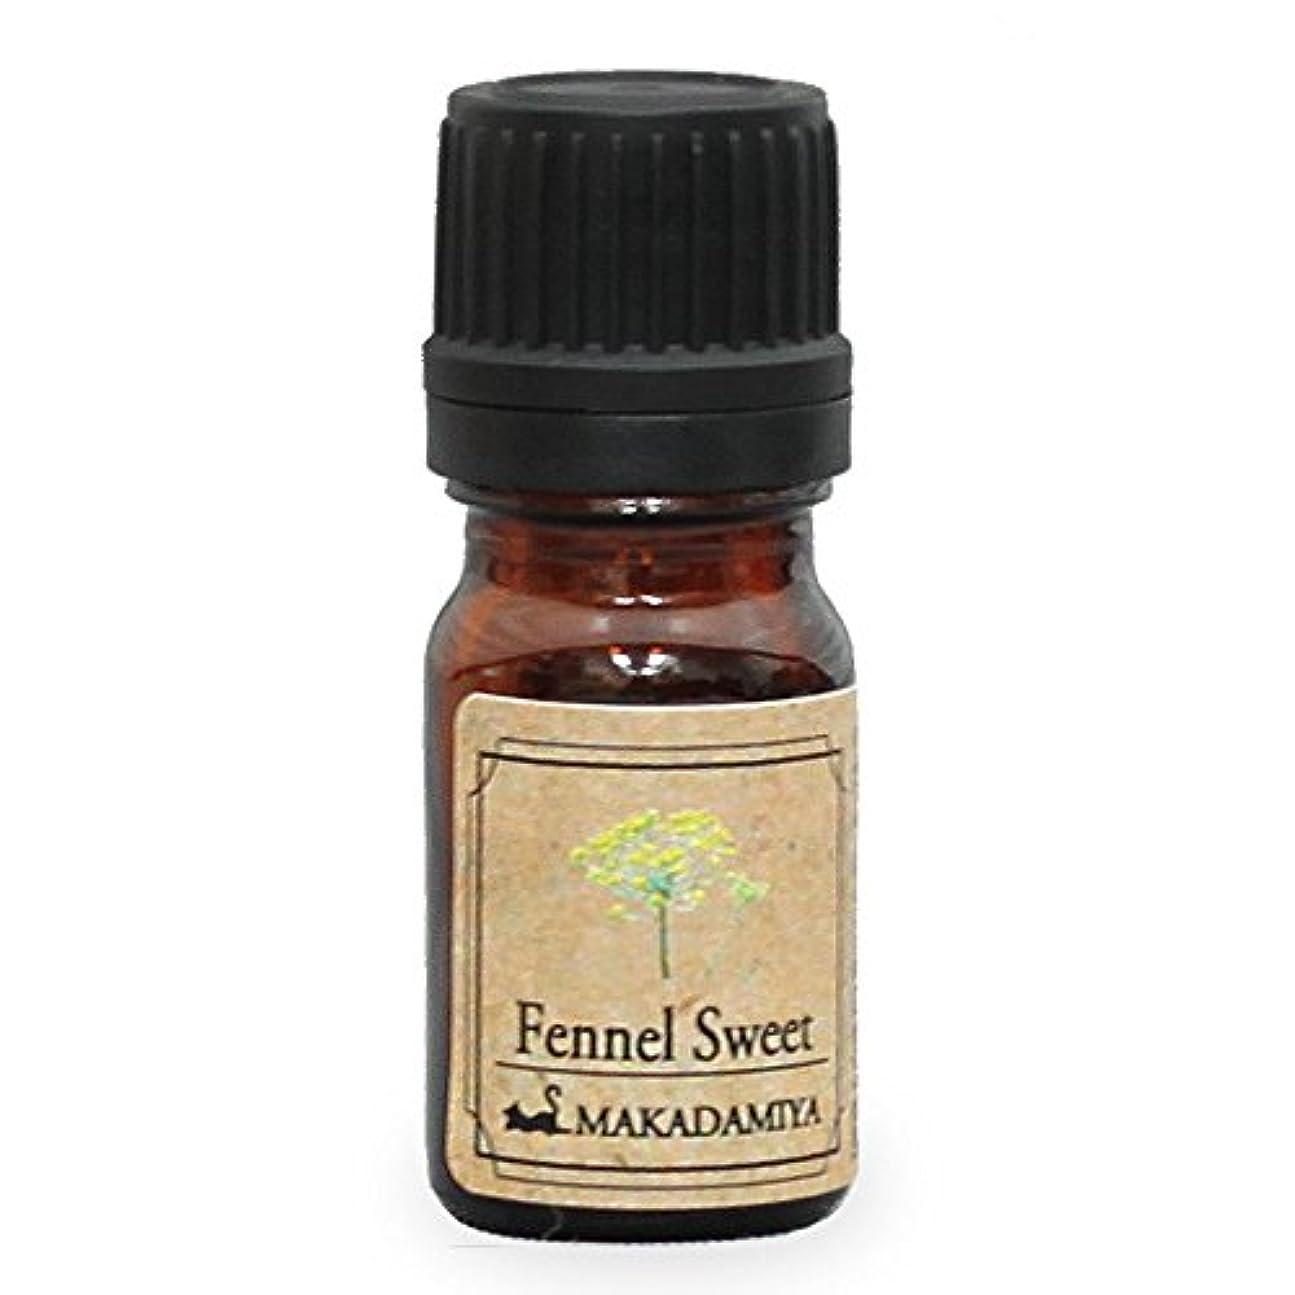 用語集中級信頼できるフェンネルスウィート5ml天然100%植物性エッセンシャルオイル(精油)アロマオイルアロママッサージアロマテラピーaroma Fennel Sweet